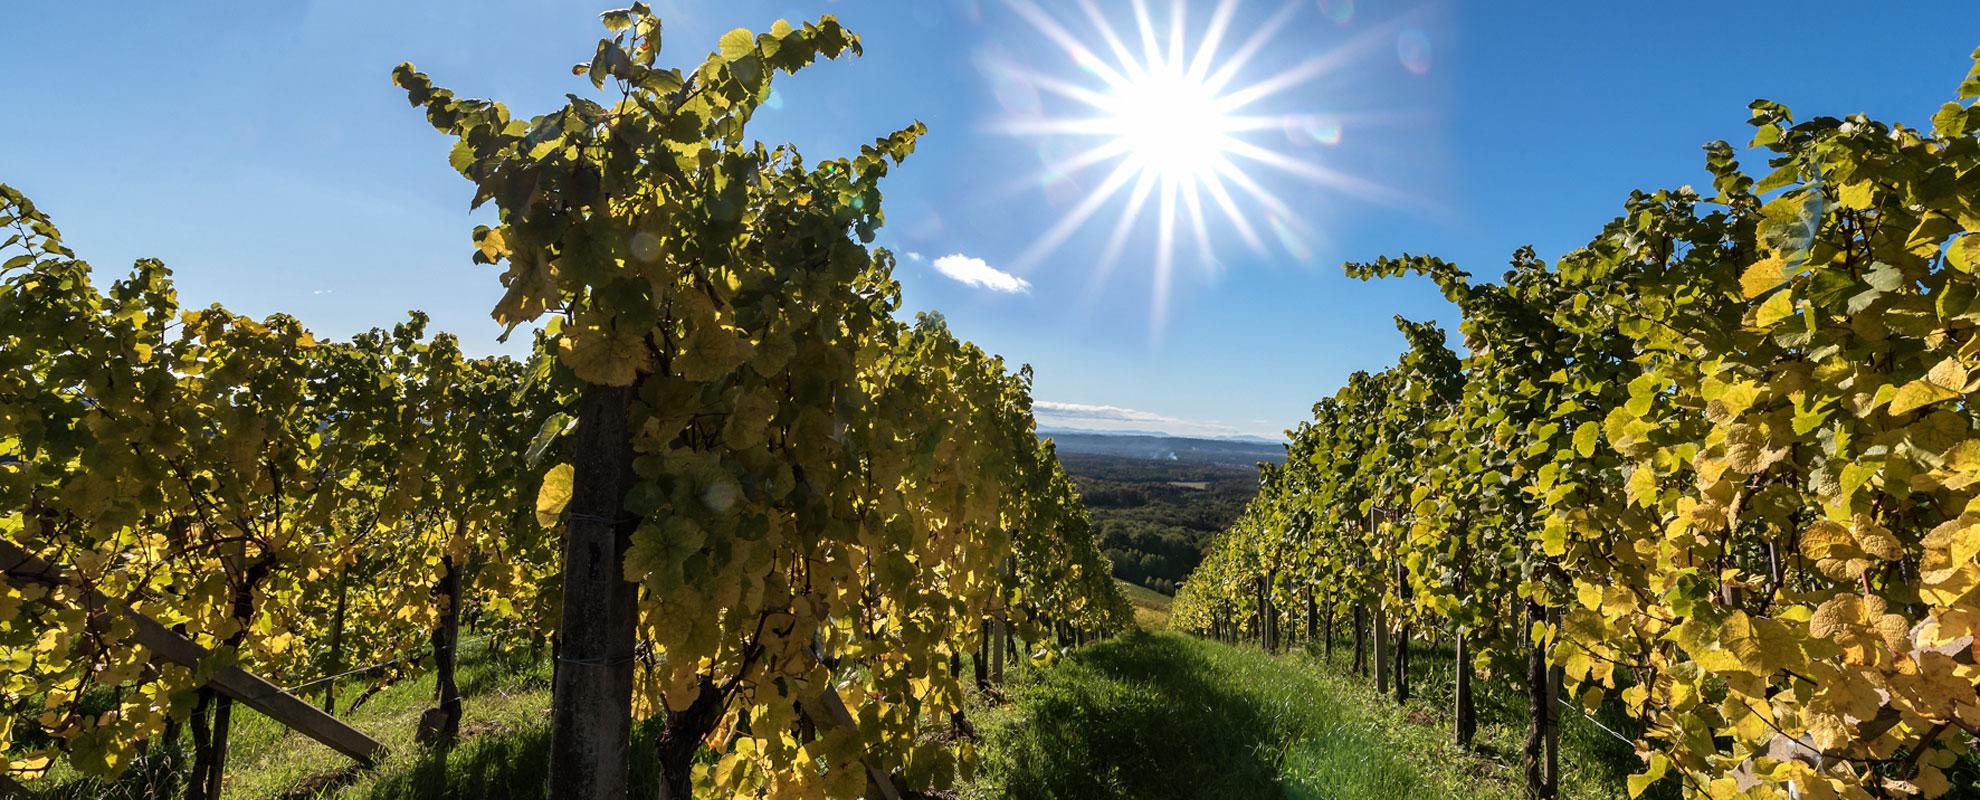 Wein in optimalen Lagen